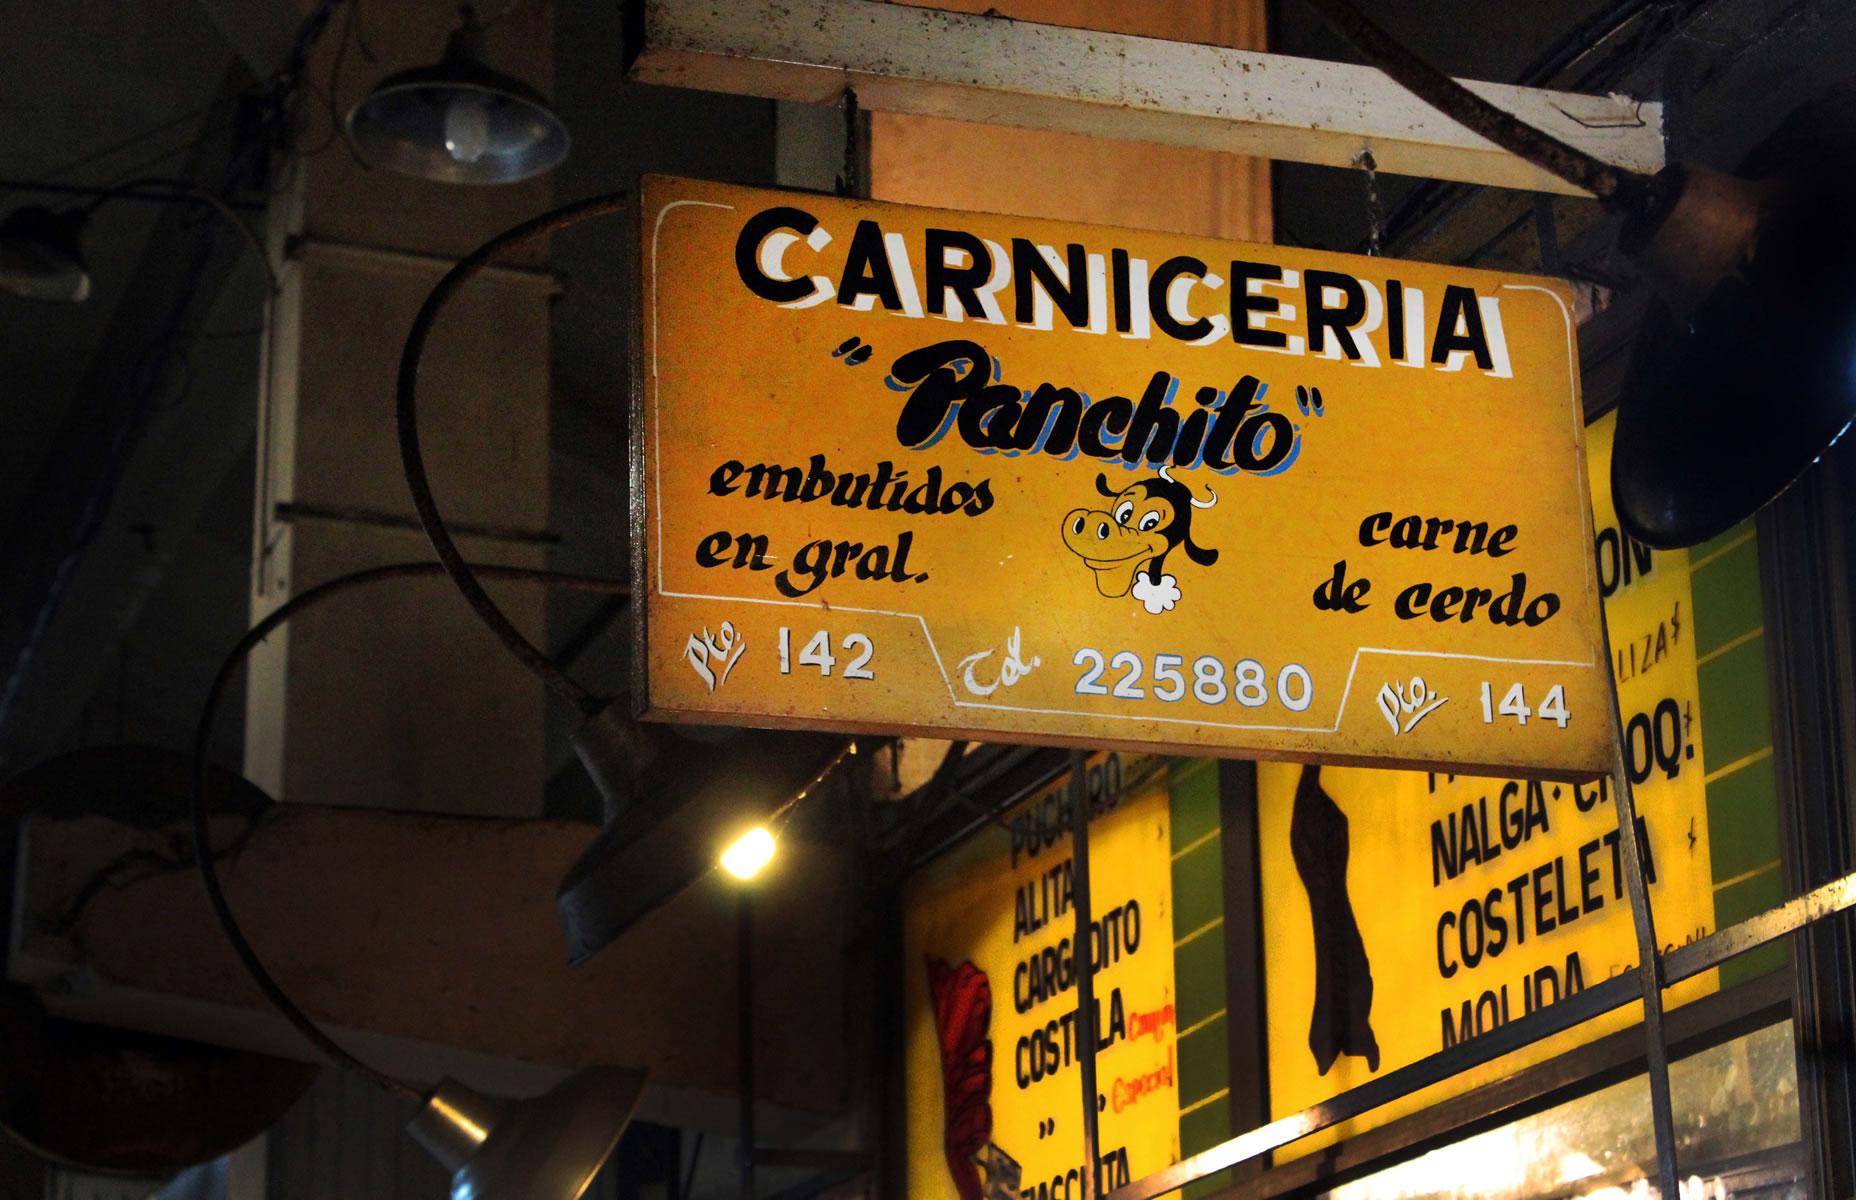 Carnicería Panchito